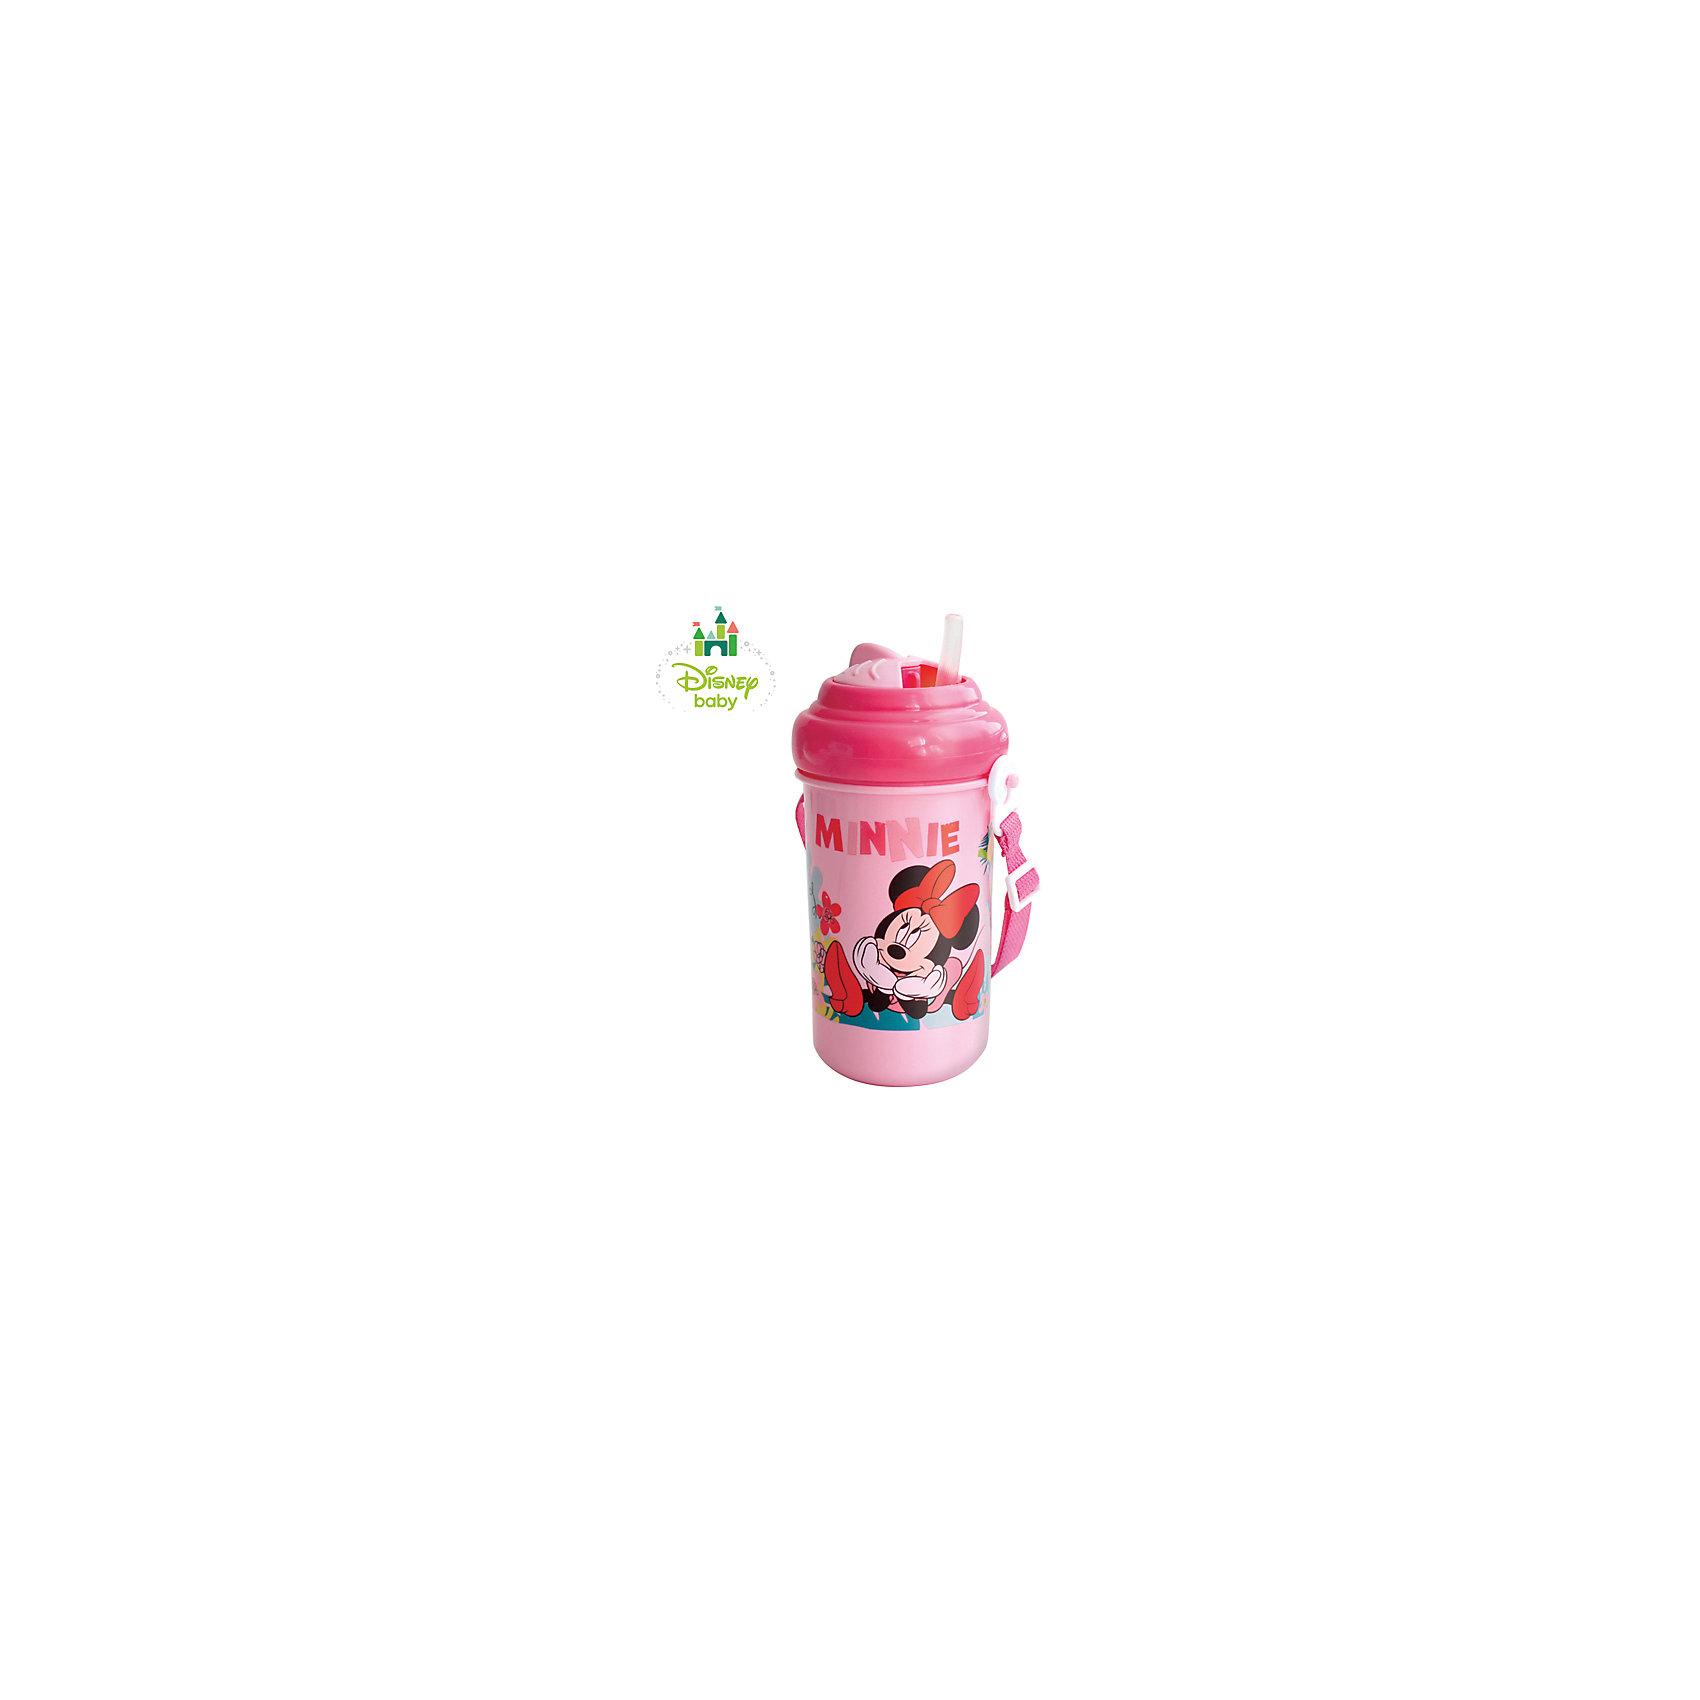 Поильник Минни DISNEY 360 мл.,от 6 мес., LUBBY, розовый матовыйПоильник Минни DISNEY 360 мл.,от 6 мес., LUBBY, розовый матовый.<br><br>Характеристики:<br><br>- Объем: 360 мл.<br>- Цвет: розовый матовый<br>- Материал: полипропилен, силикон, нейлон<br>- Размер упаковки: 80x160x80 мм.<br>- Срок службы: 1 год<br>- Уход: Перед первым использованием необходимо прокипятить изделие в течение 5 минут. В дальнейшем перед каждым использованием поильник необходимо мыть теплой водой с мылом, тщательно ополаскивать. Можно мыть в посудомоечной машине<br><br>Поильник с трубочкой Минни предназначен для малышей, которые еще не умеют пить из чашки. Поильник оснащен сдвигаемой крышечкой, которая предохраняет трубочку от загрязнений. Специальная форма поильника позволяет предотвратить проливание жидкости, если он упал, или перевернулся. Входящий в комплект ремешок позволит легко носить поильник, как маме, так и ребенку. Яркий дизайн поильника с изображением очаровательной Минни, героини диснеевского мультсериала, привлечет внимание малыша. Поильник изготовлен из безопасных, долговечных, нетоксичных материалов.<br><br>Поильник Минни DISNEY 360 мл.,от 6 мес., LUBBY, розовый матовый можно купить в нашем интернет-магазине.<br><br>Ширина мм: 80<br>Глубина мм: 160<br>Высота мм: 80<br>Вес г: 350<br>Возраст от месяцев: 6<br>Возраст до месяцев: 36<br>Пол: Женский<br>Возраст: Детский<br>SKU: 5115128